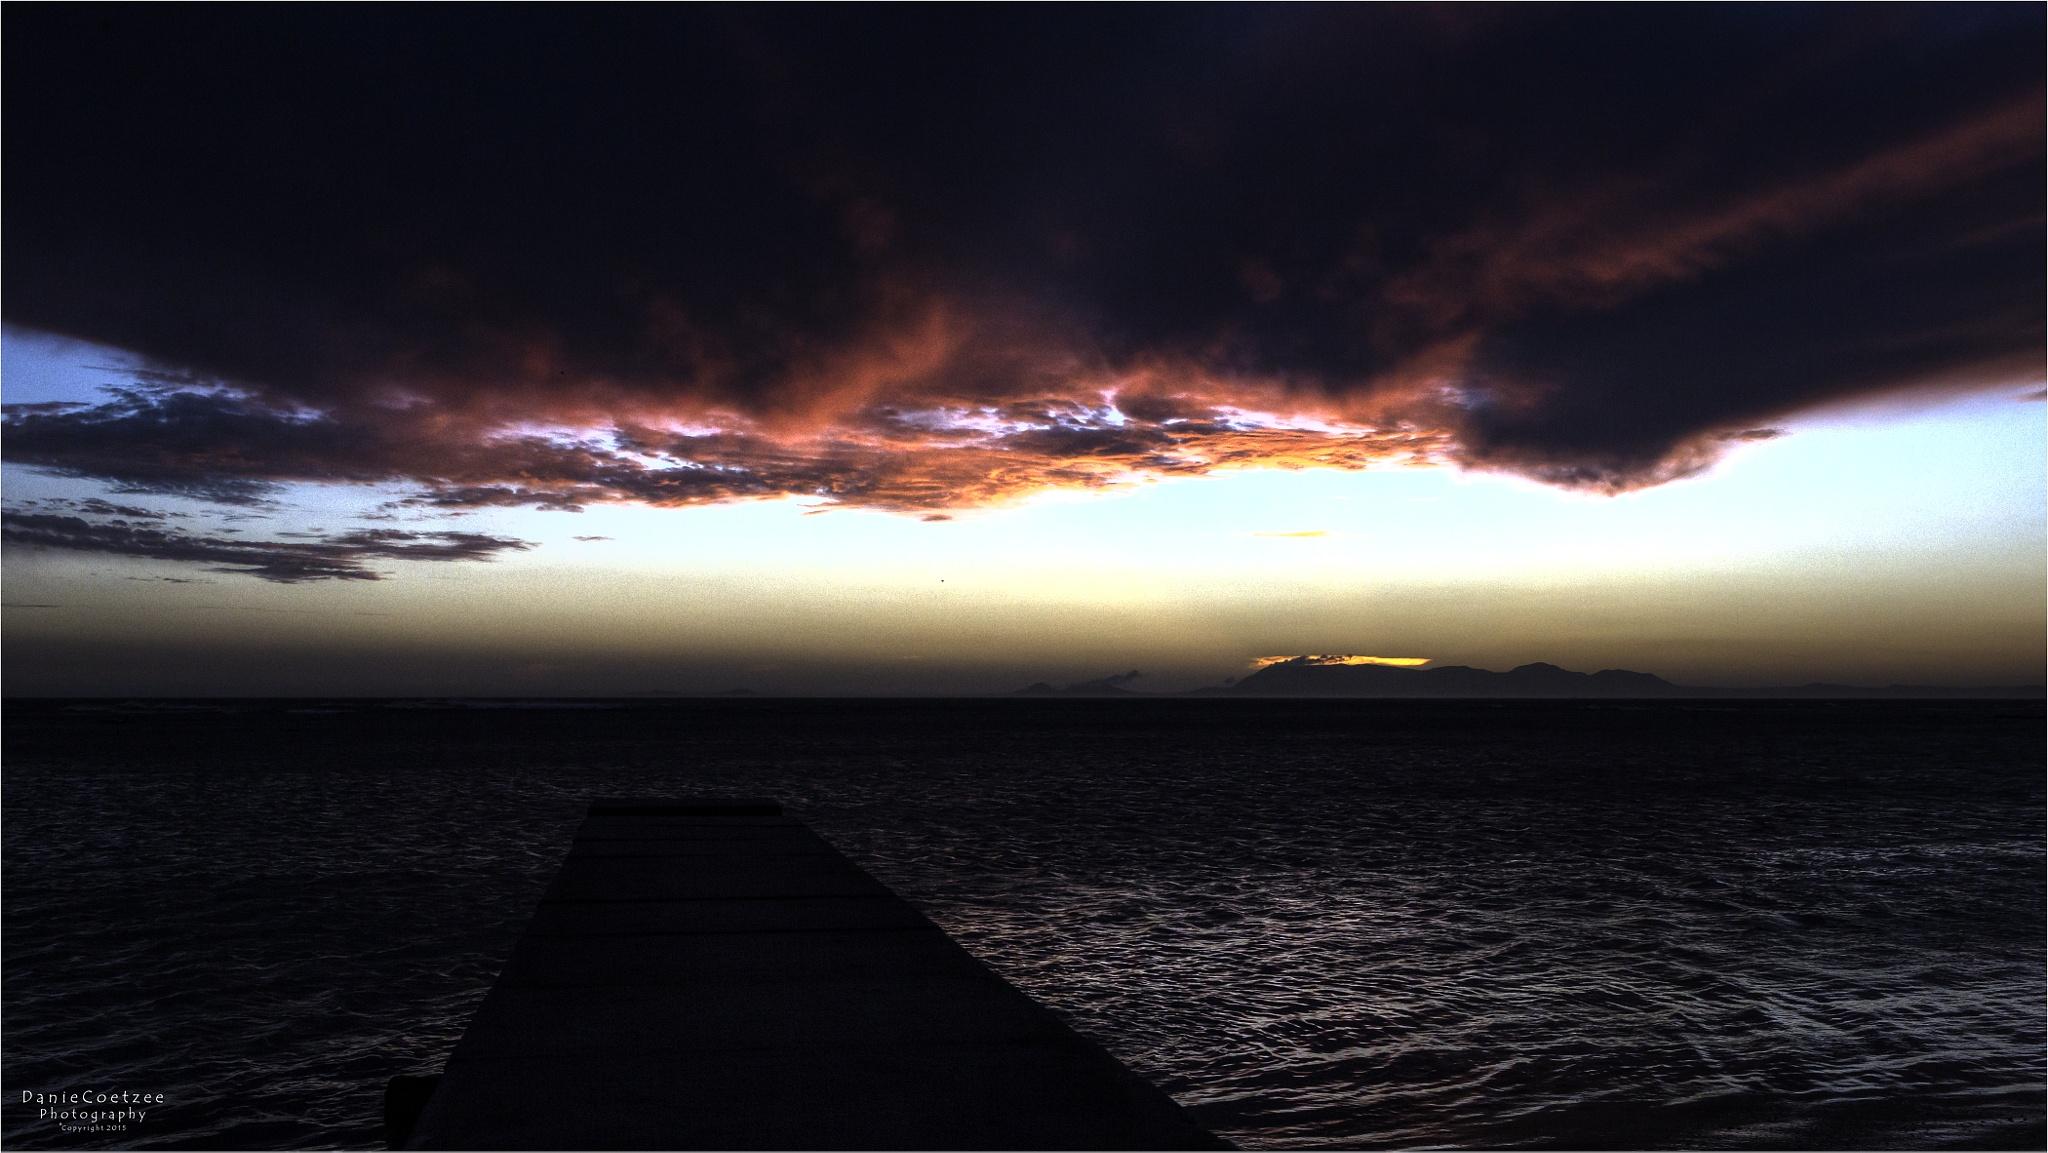 Sunset - False Bay by dctze